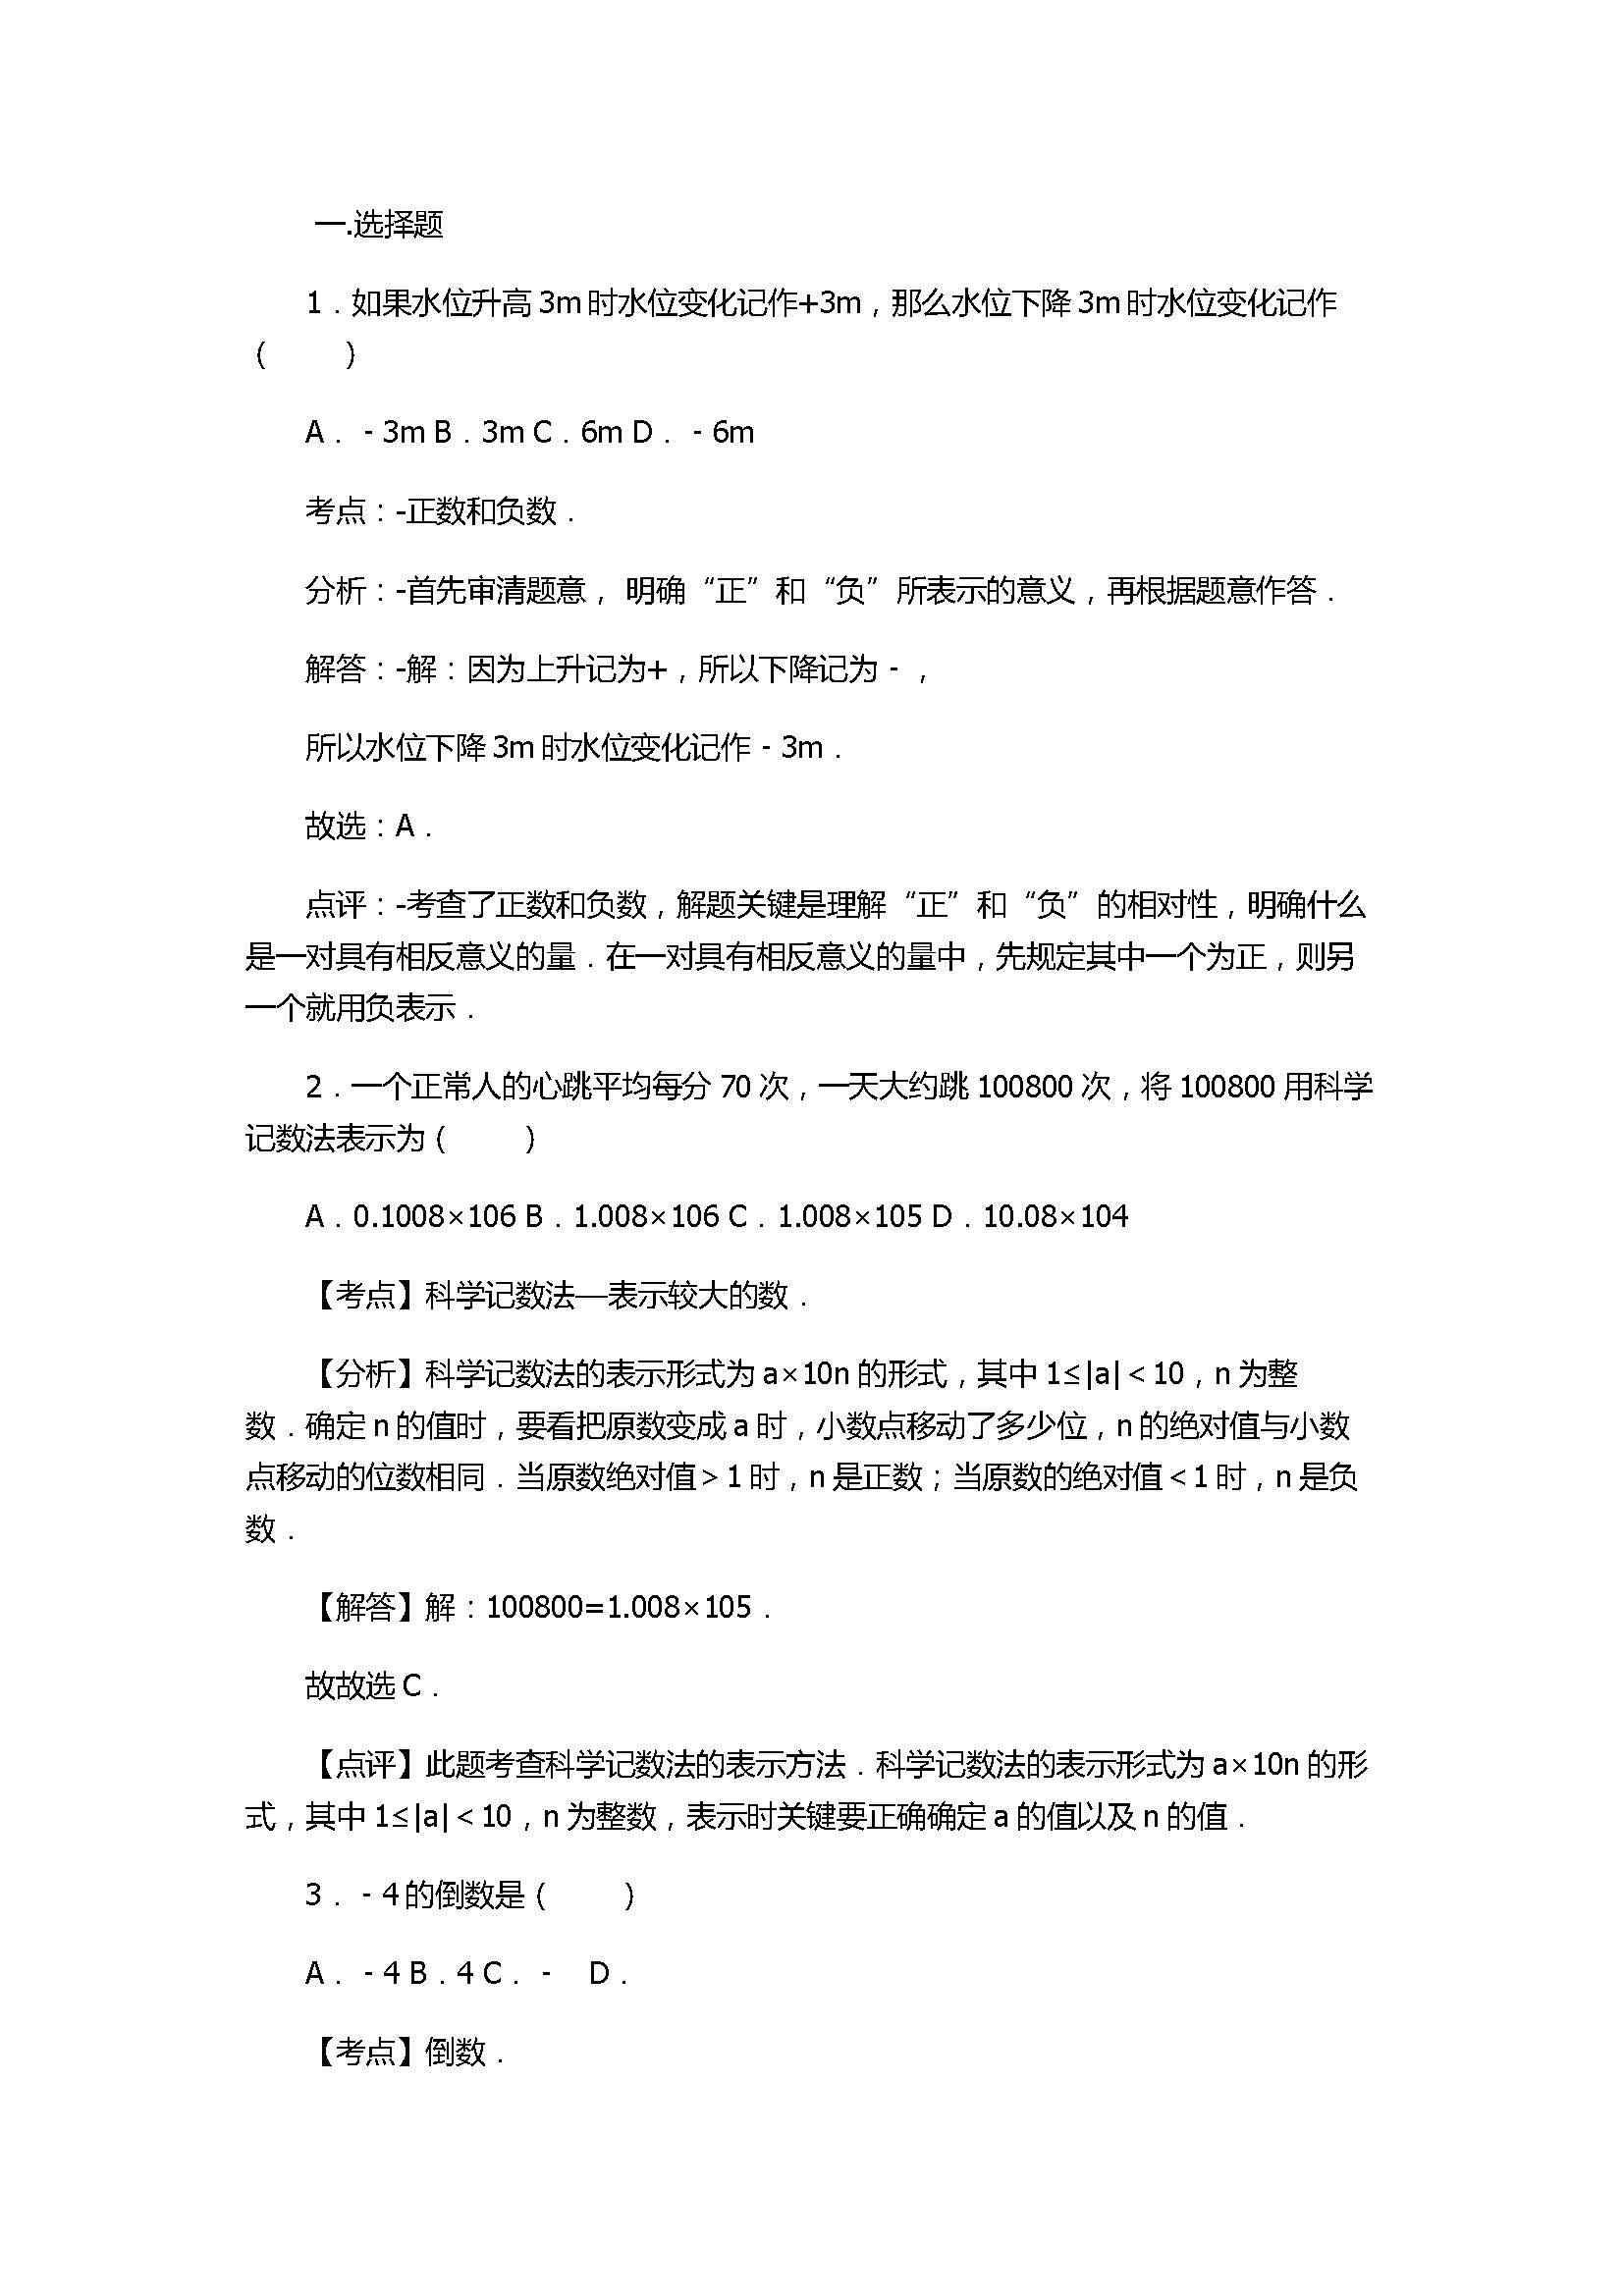 2017七年级数学上册月考测试卷含答案及解析(广西钦州市)